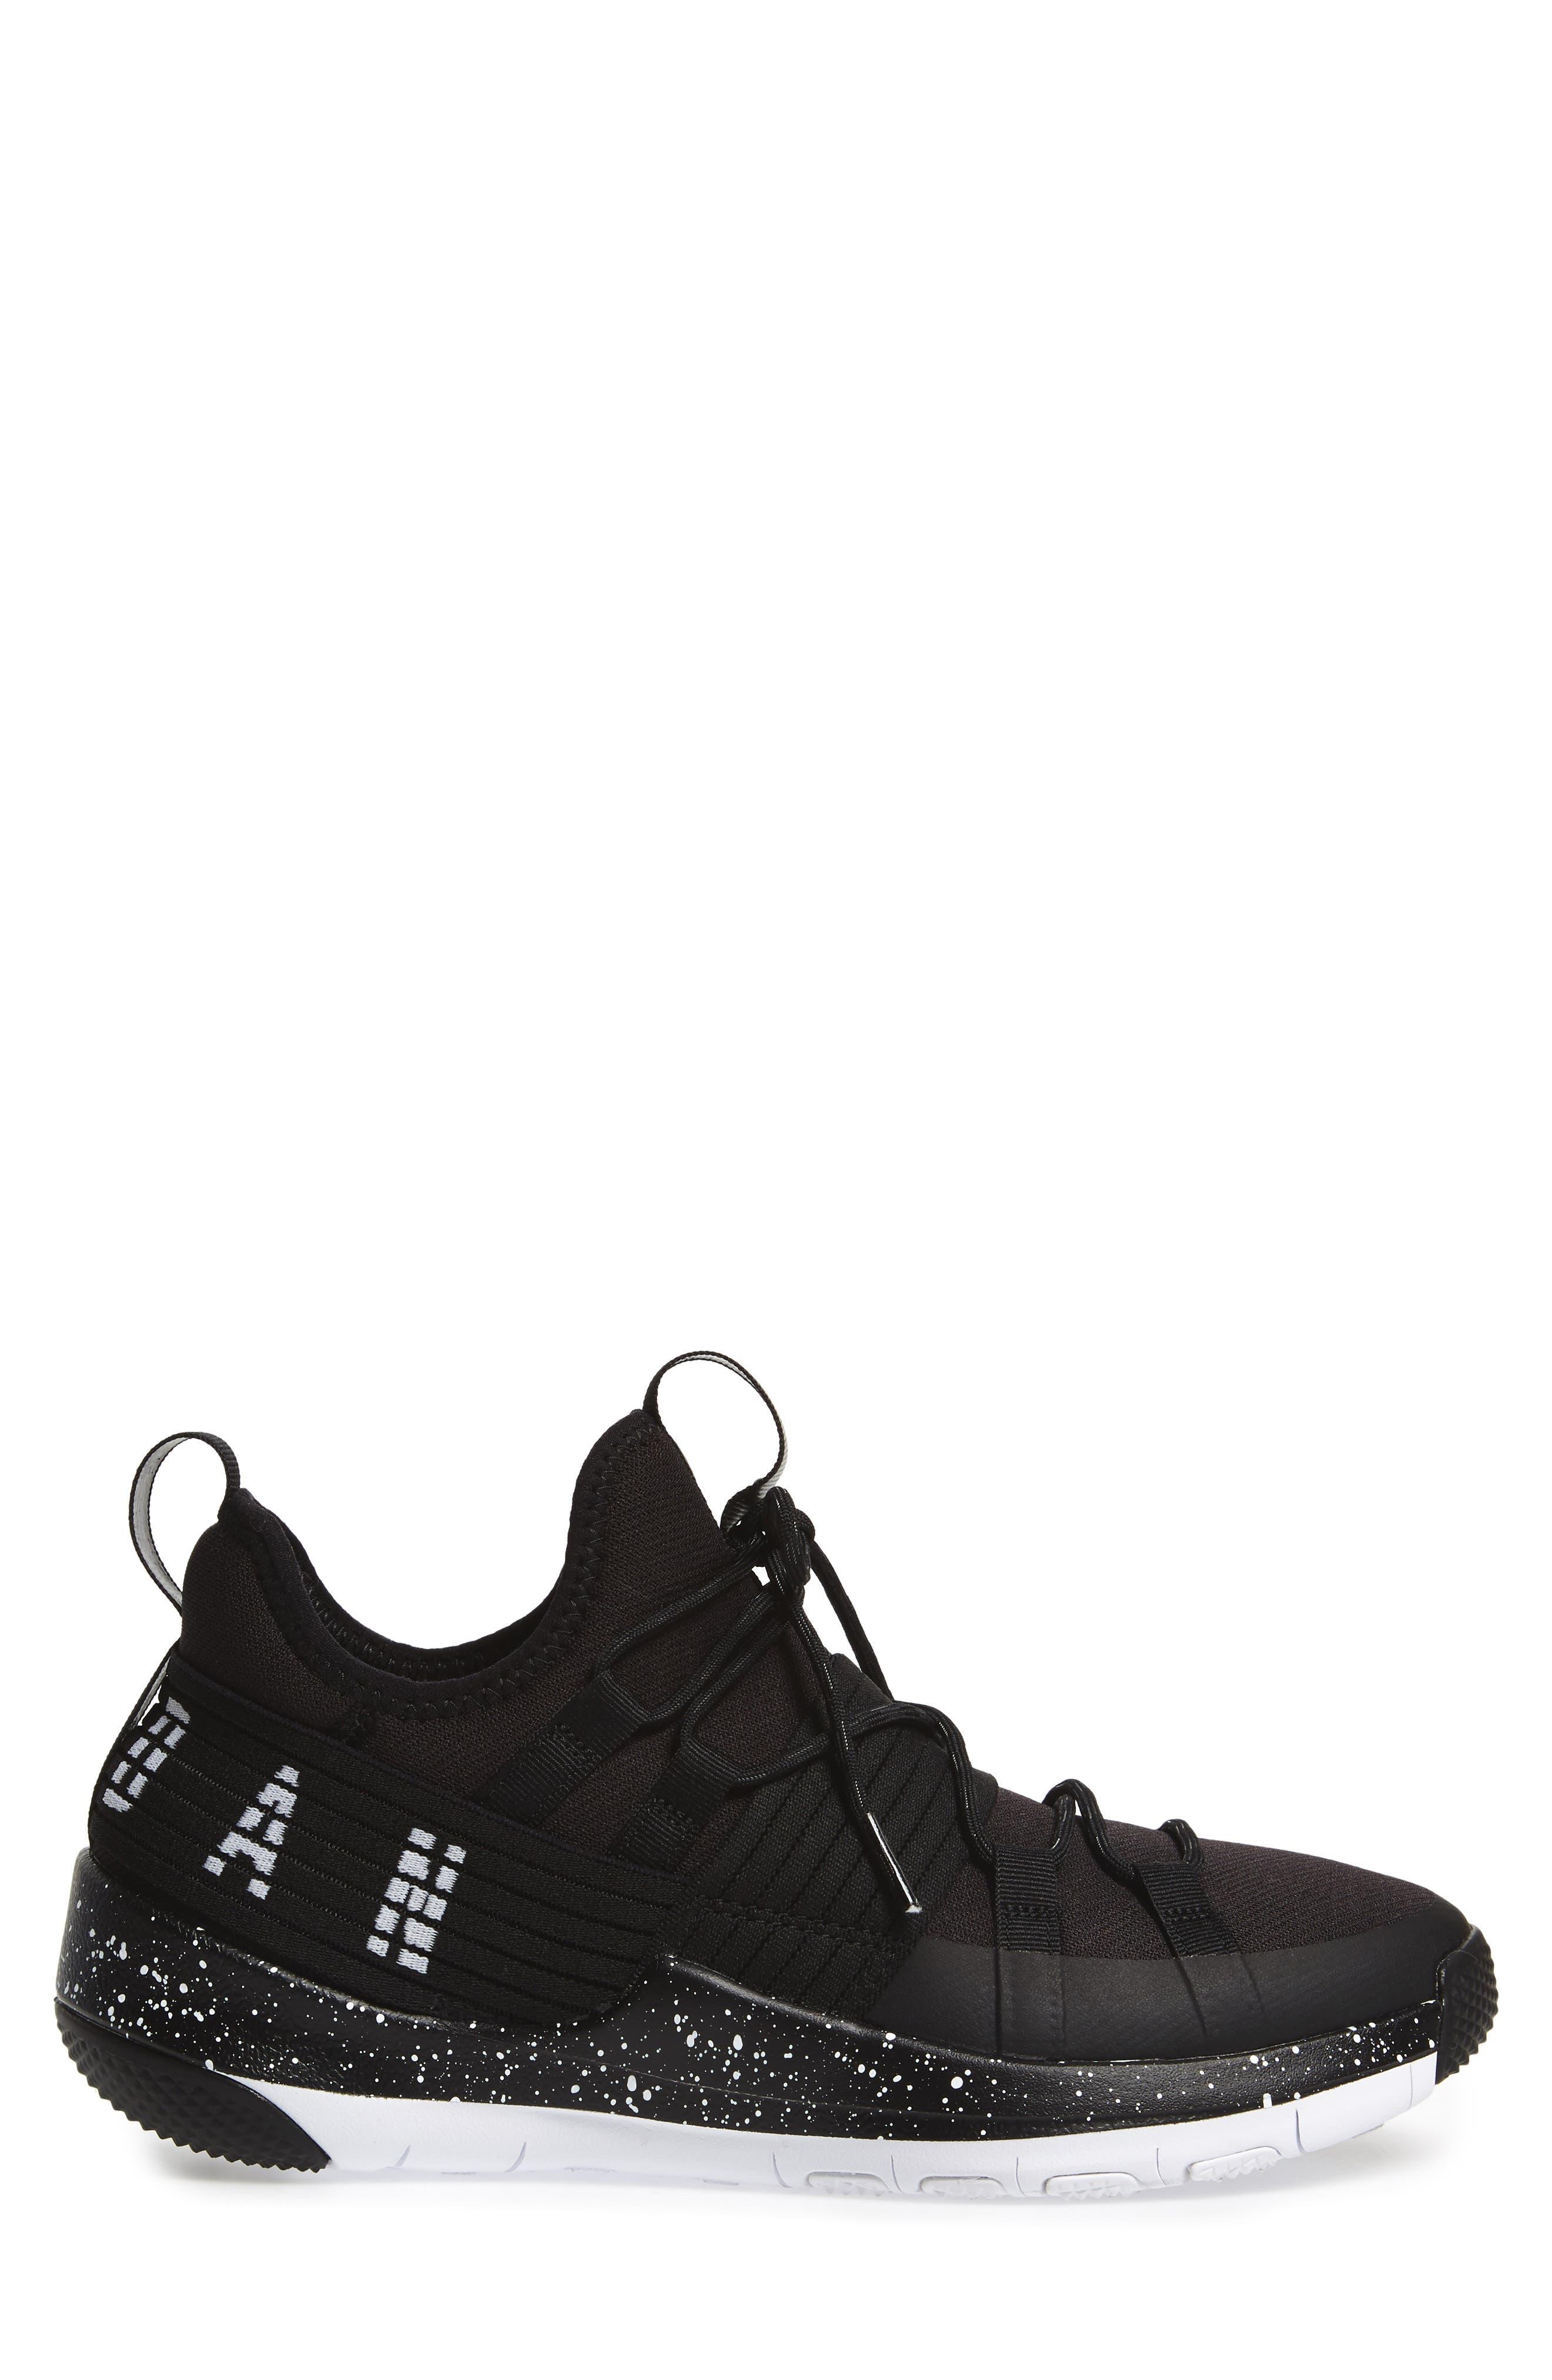 Jordan Trainer Pro Training Shoe,                             Alternate thumbnail 3, color,                             010